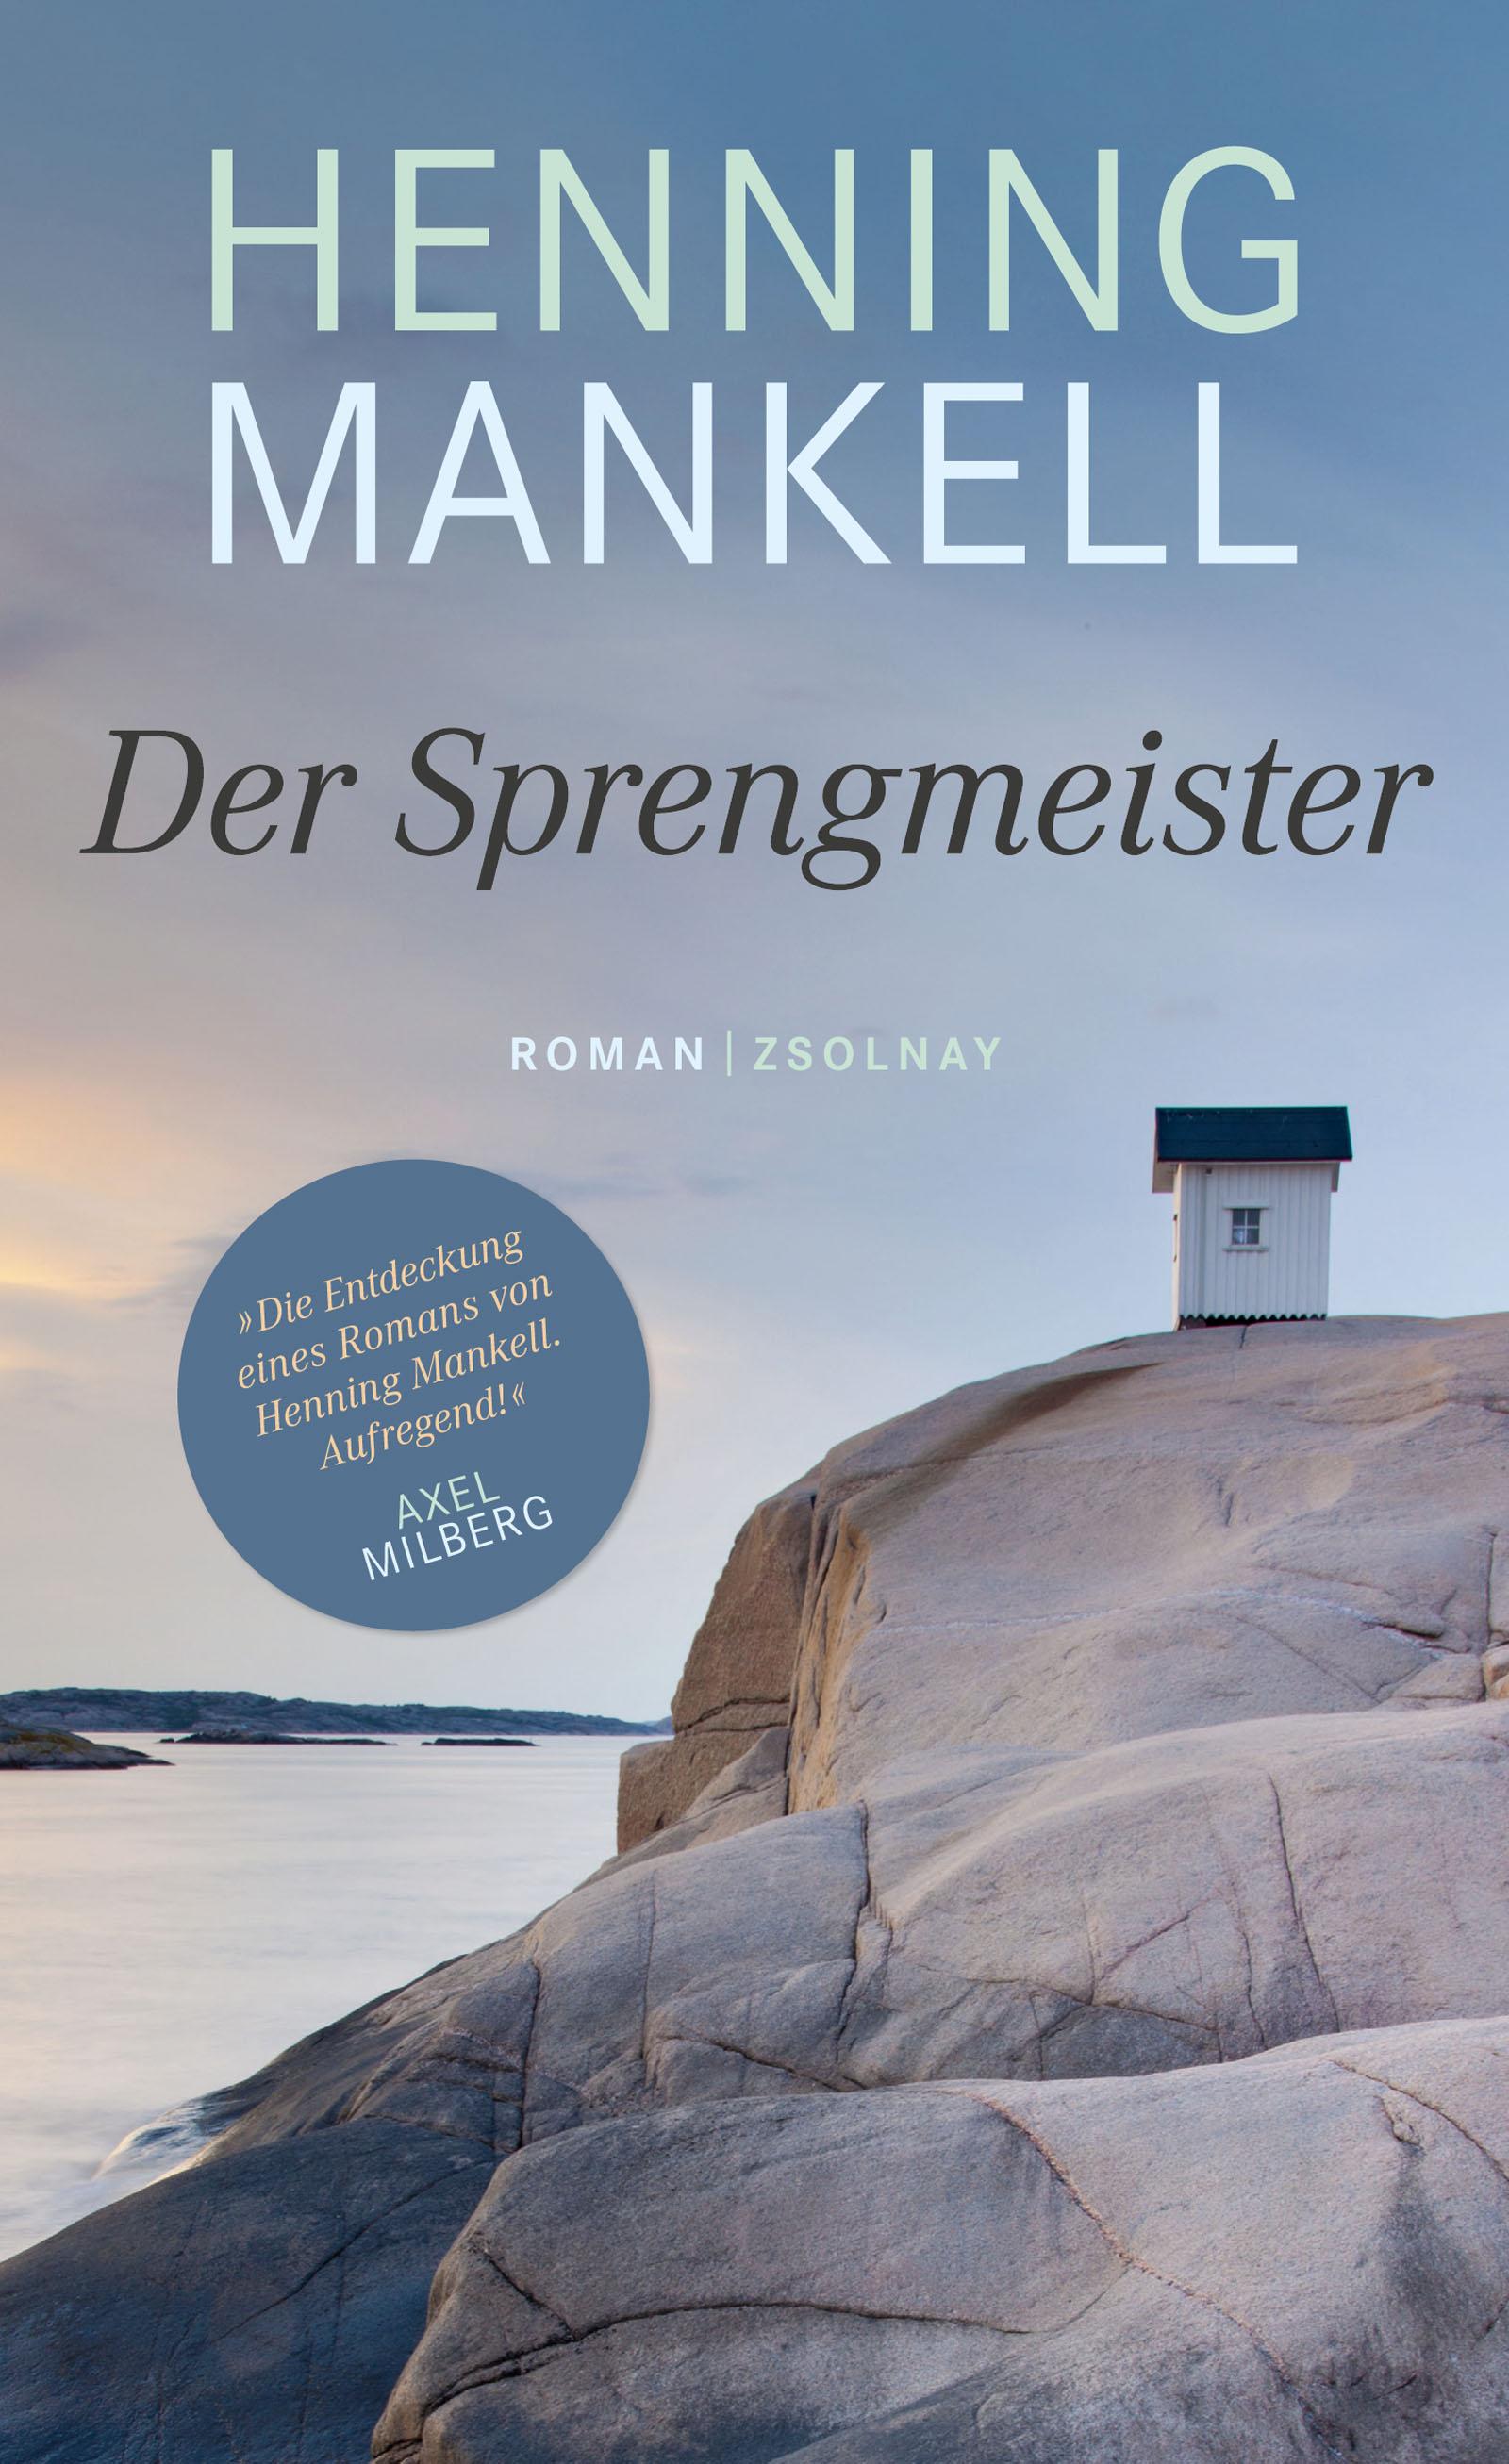 https://www.hanser-literaturverlage.de/buch/der-sprengmeister/978-3-552-05901-6/